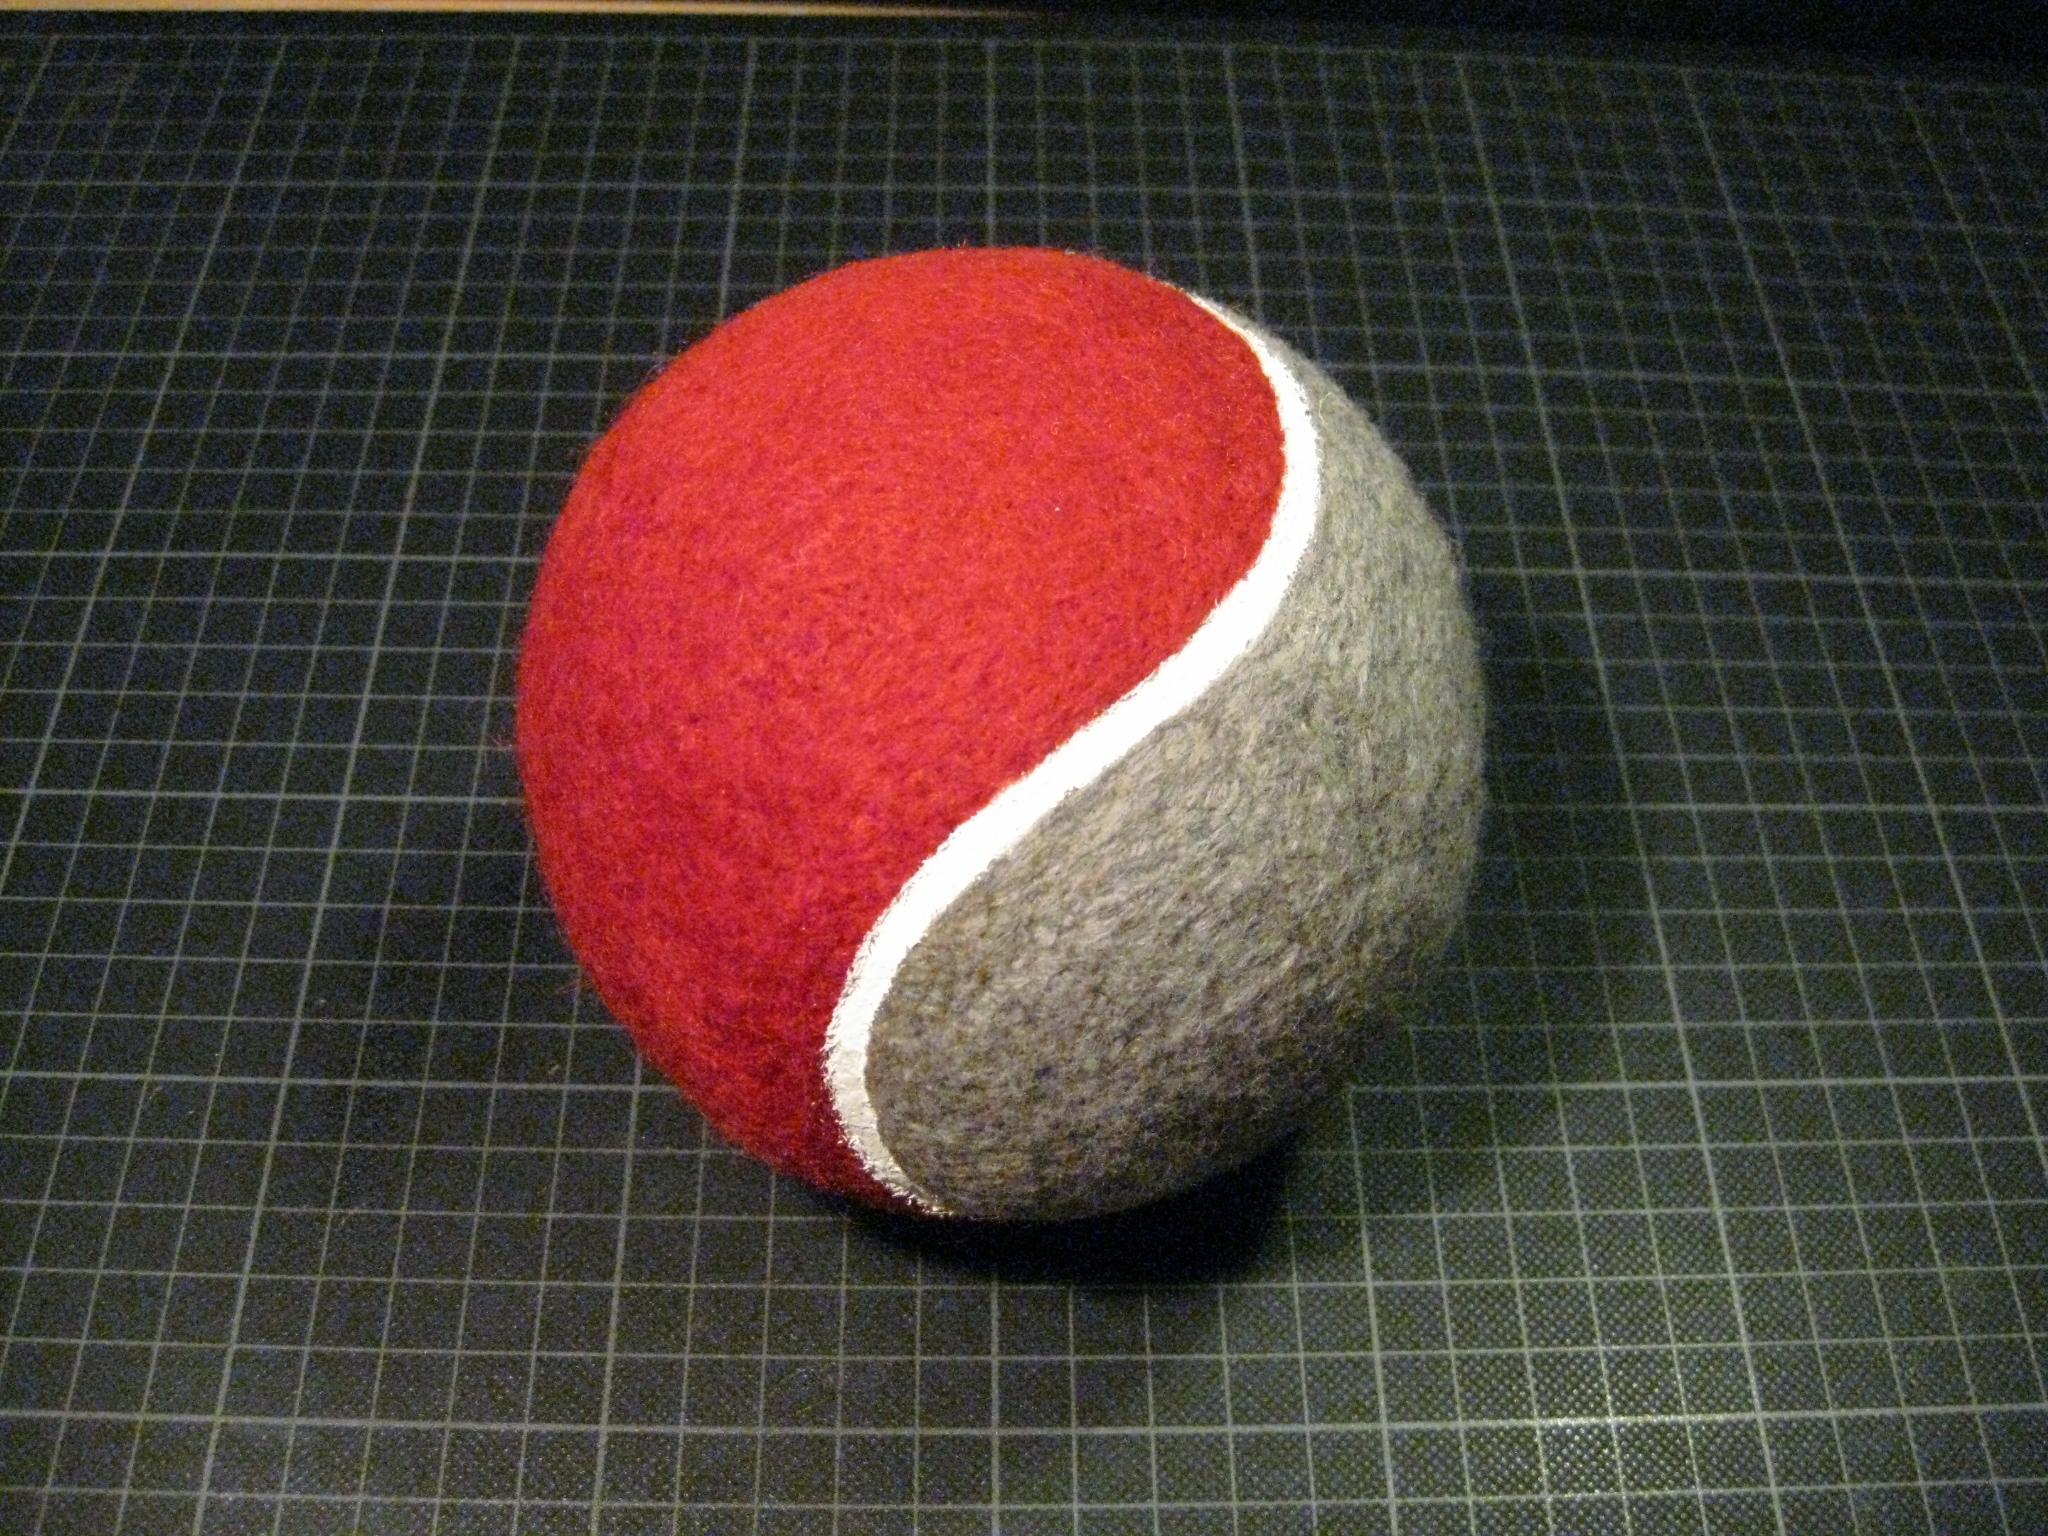 House M.D. oversized tennis ball